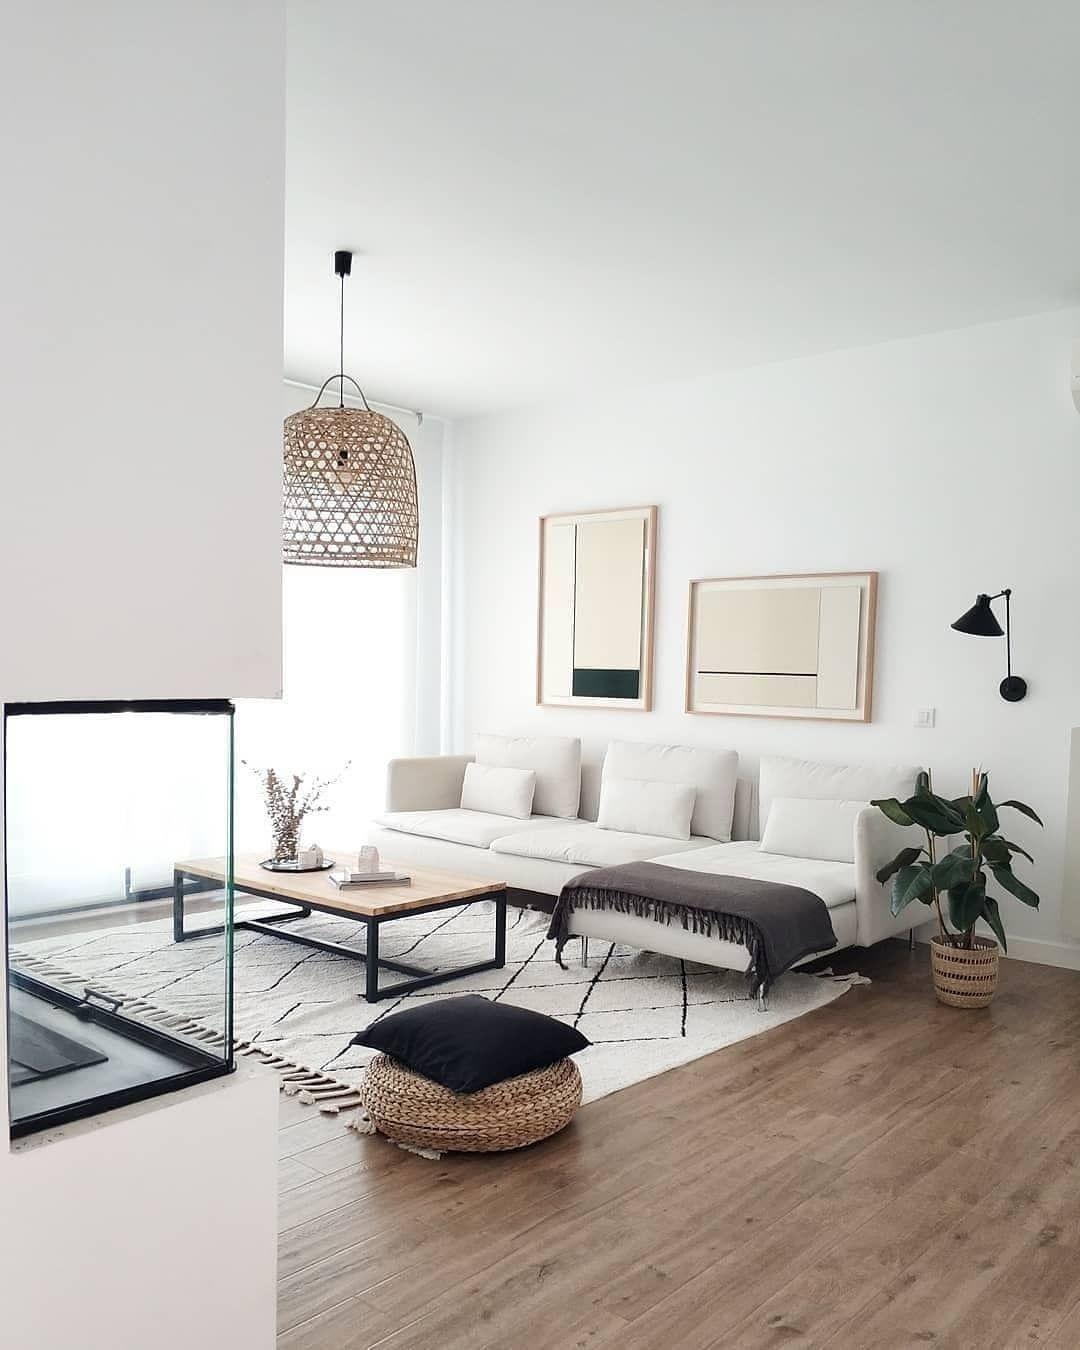 Épinglé sur Livingroom decor